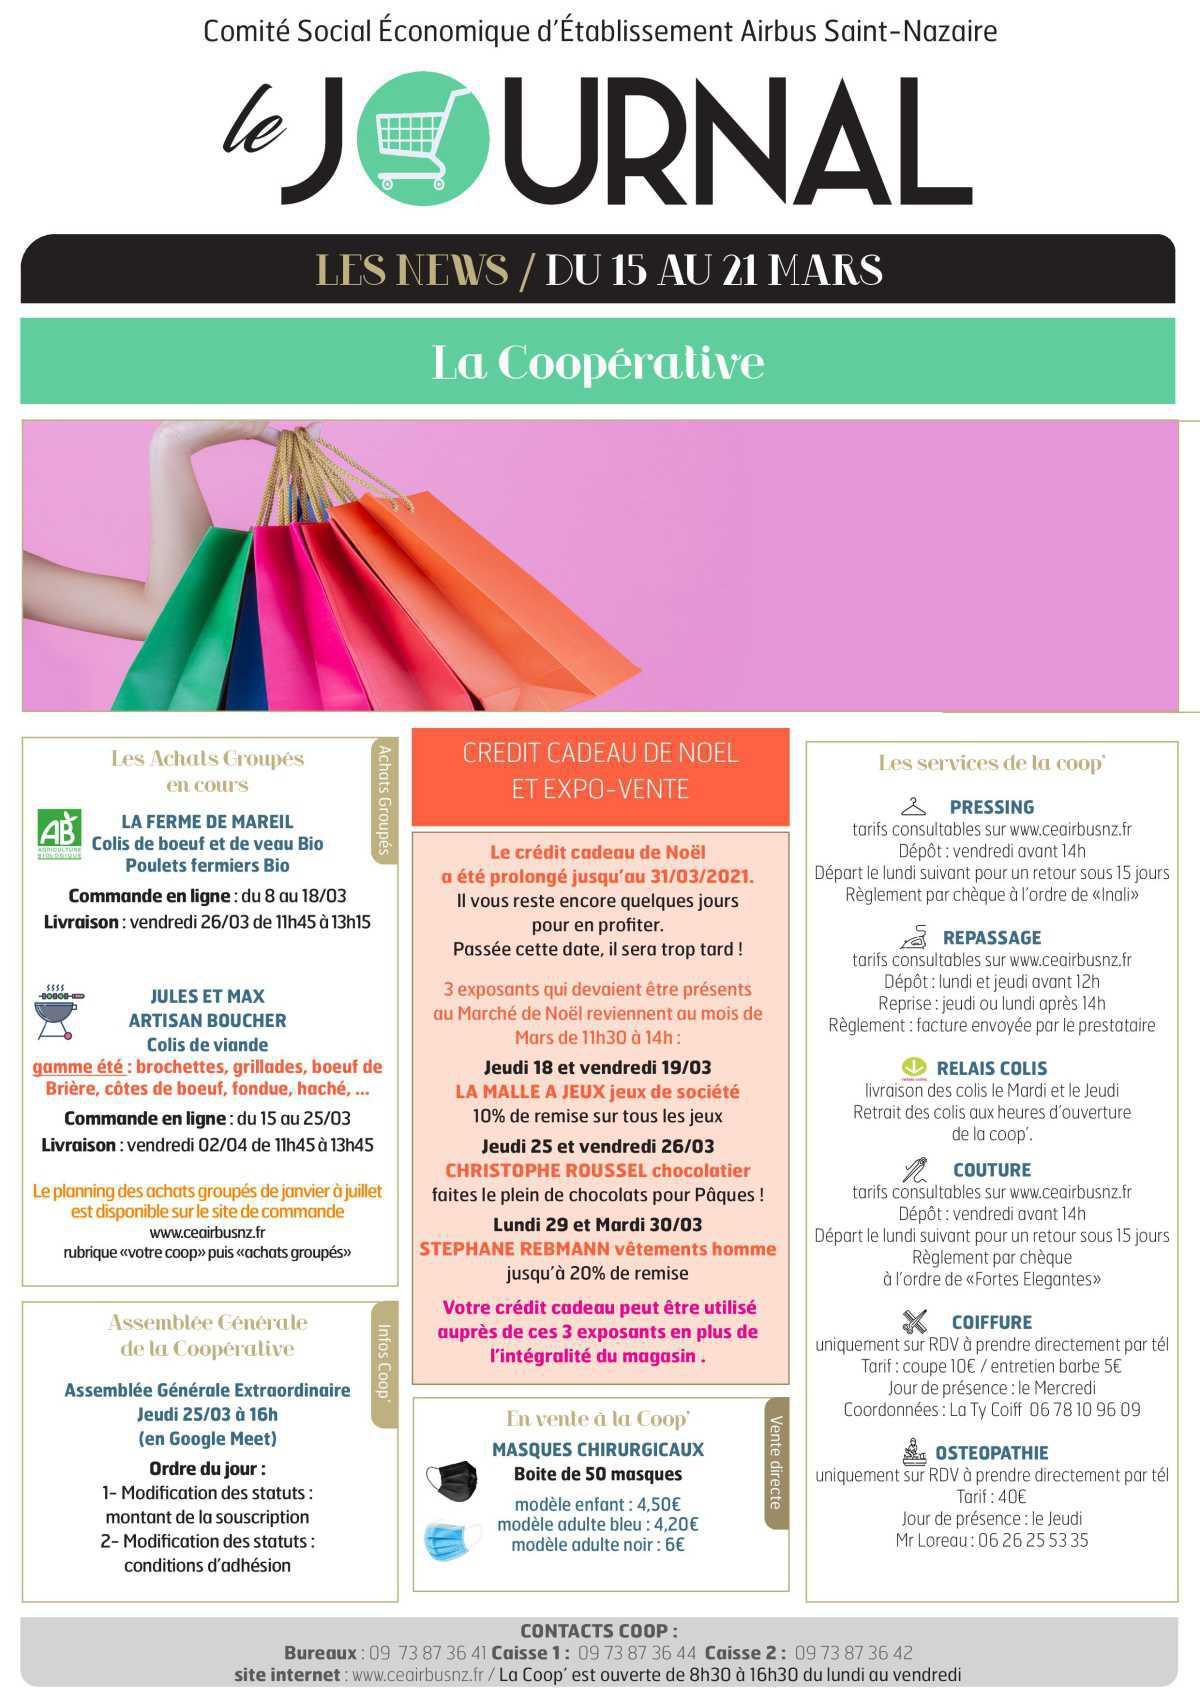 Informations du CSE et de la coopérative semaine 11